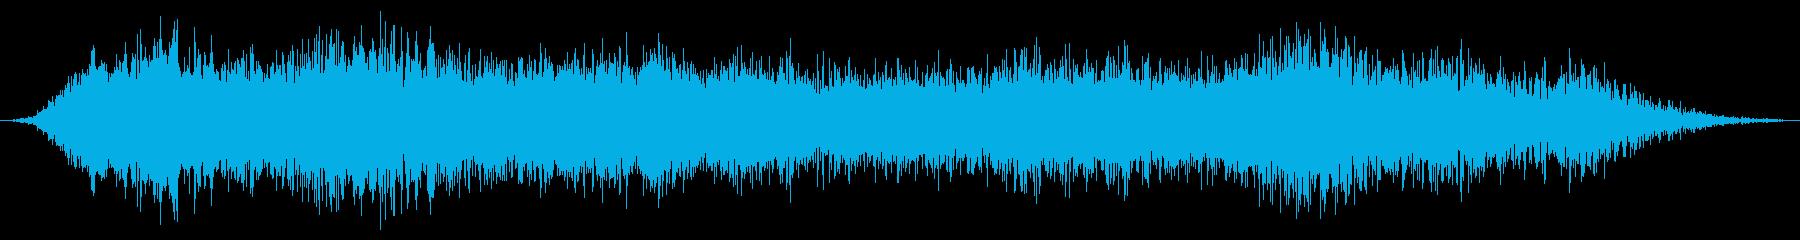 大規模なドラマチックな残響金属スク...の再生済みの波形